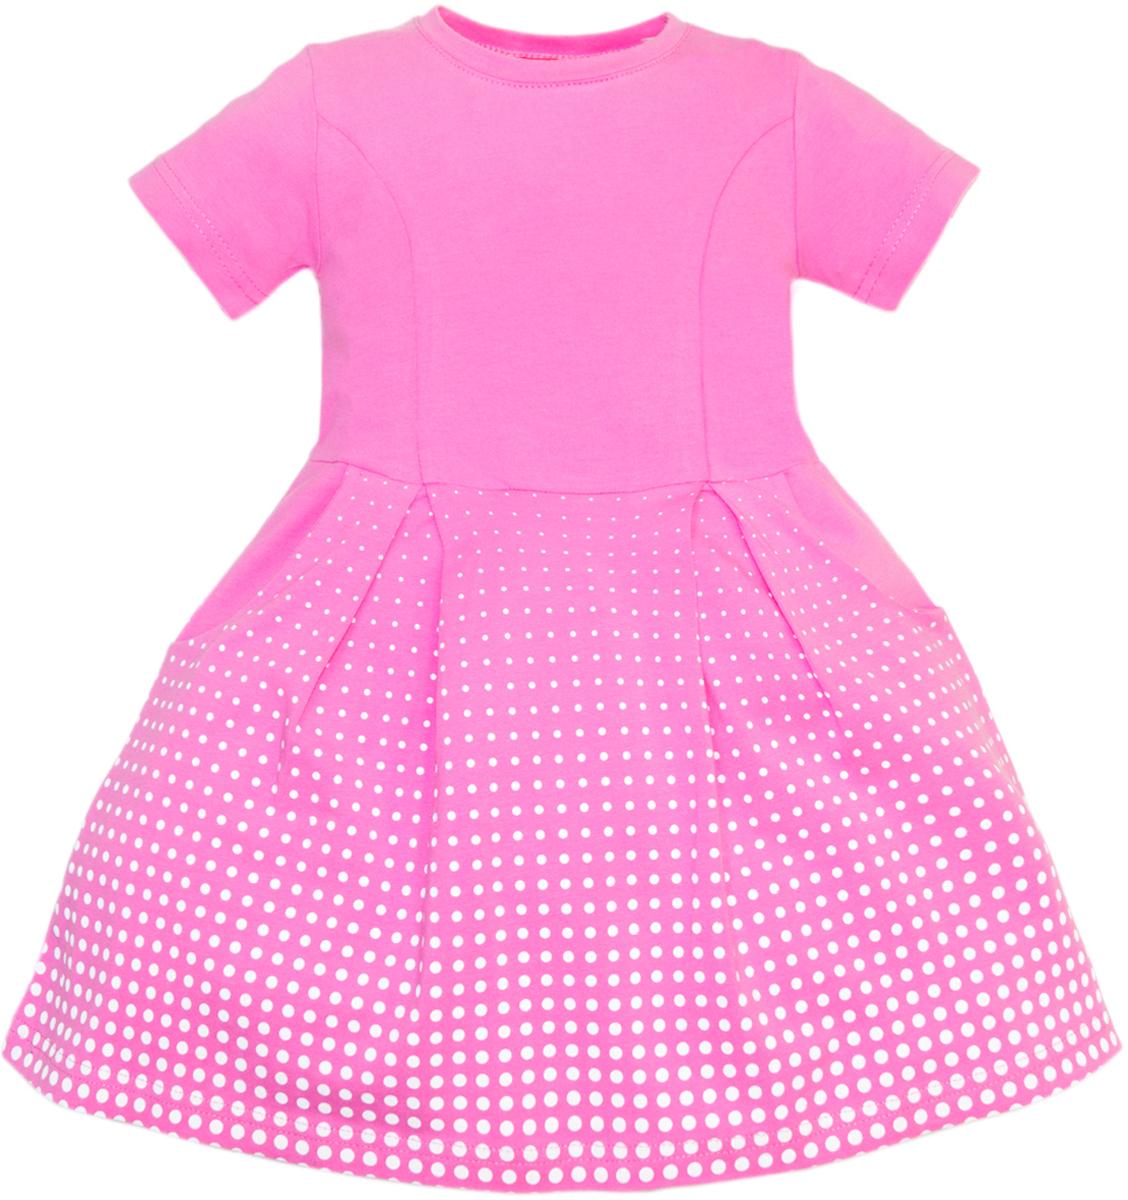 Платье для девочки Let's Go, цвет: розовый. 8126. Размер 110 спортивный костюм для девочки let s go цвет фиолетовый 11114 размер 164